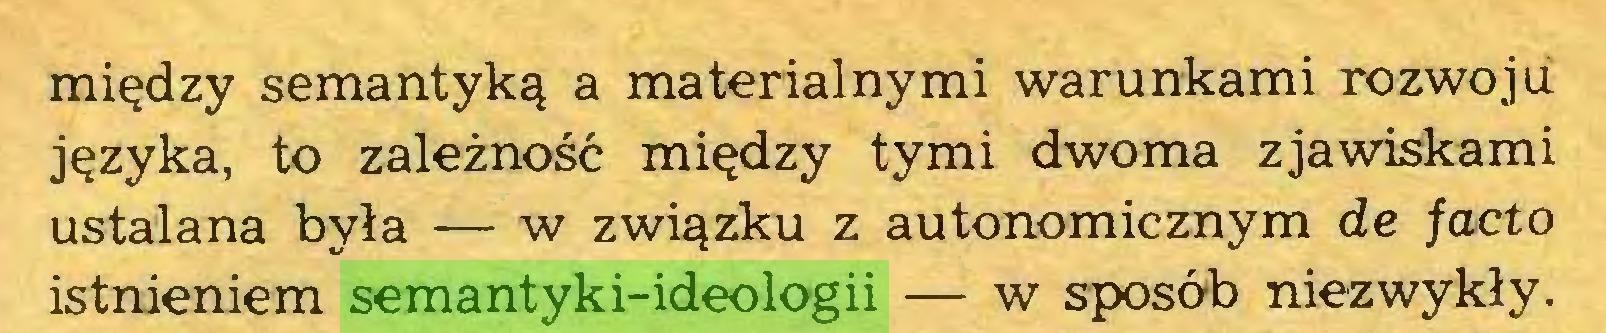 (...) między semantyką a materialnymi warunkami rozwoju języka, to zależność między tymi dwoma zjawiskami ustalana była — w związku z autonomicznym de facto istnieniem semantyki-ideologii — w sposób niezwykły...